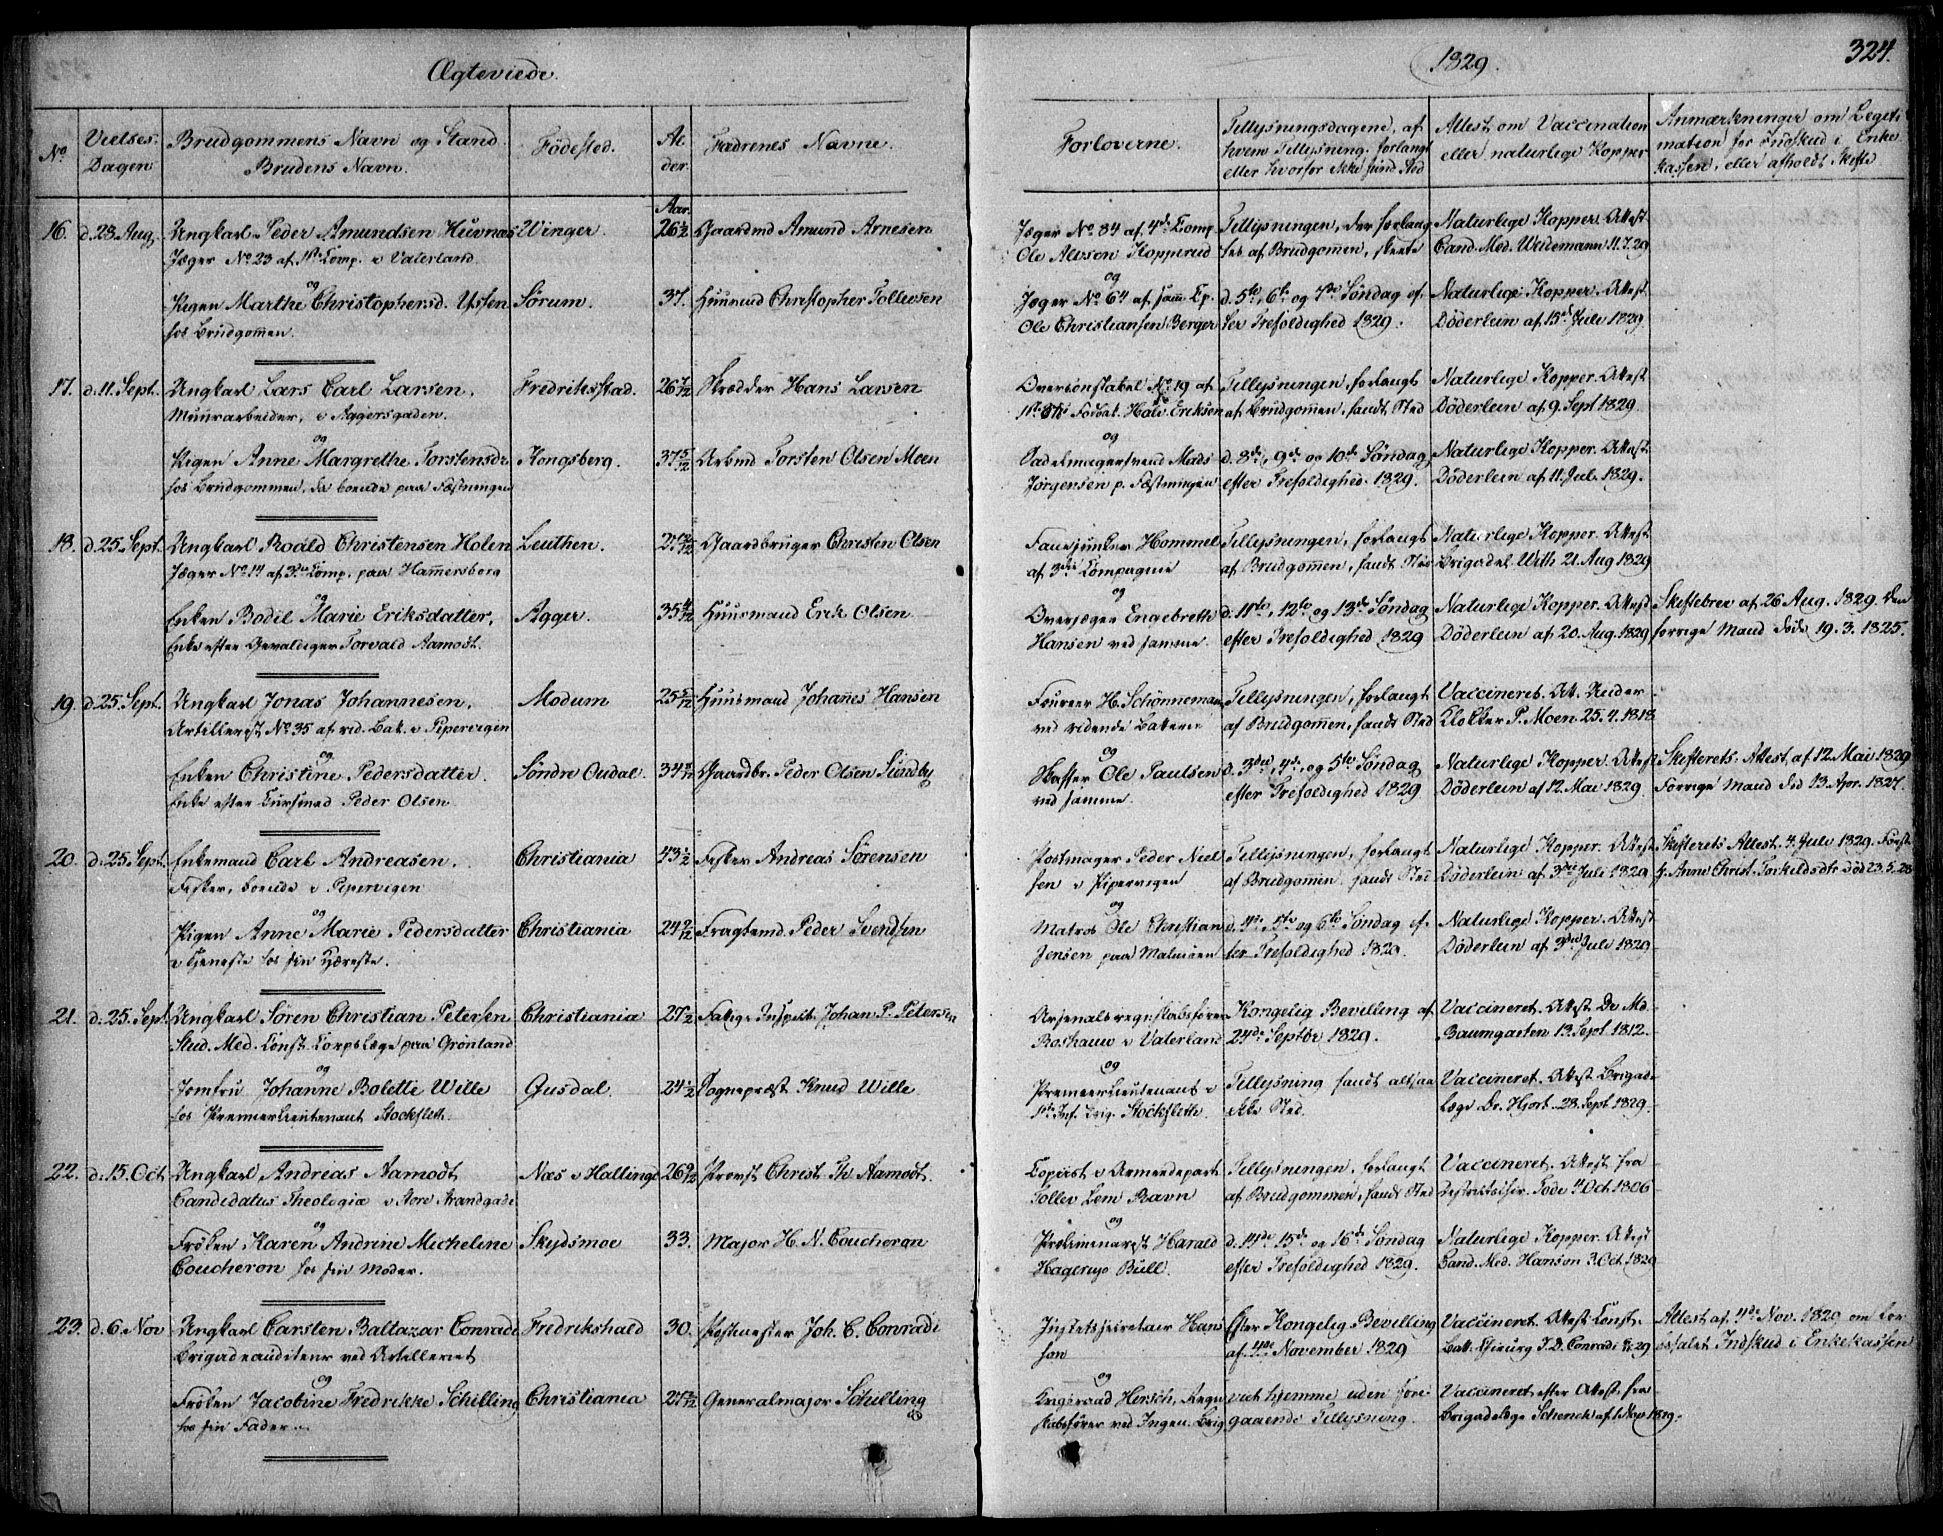 SAO, Garnisonsmenigheten Kirkebøker, F/Fa/L0006: Ministerialbok nr. 6, 1828-1841, s. 324